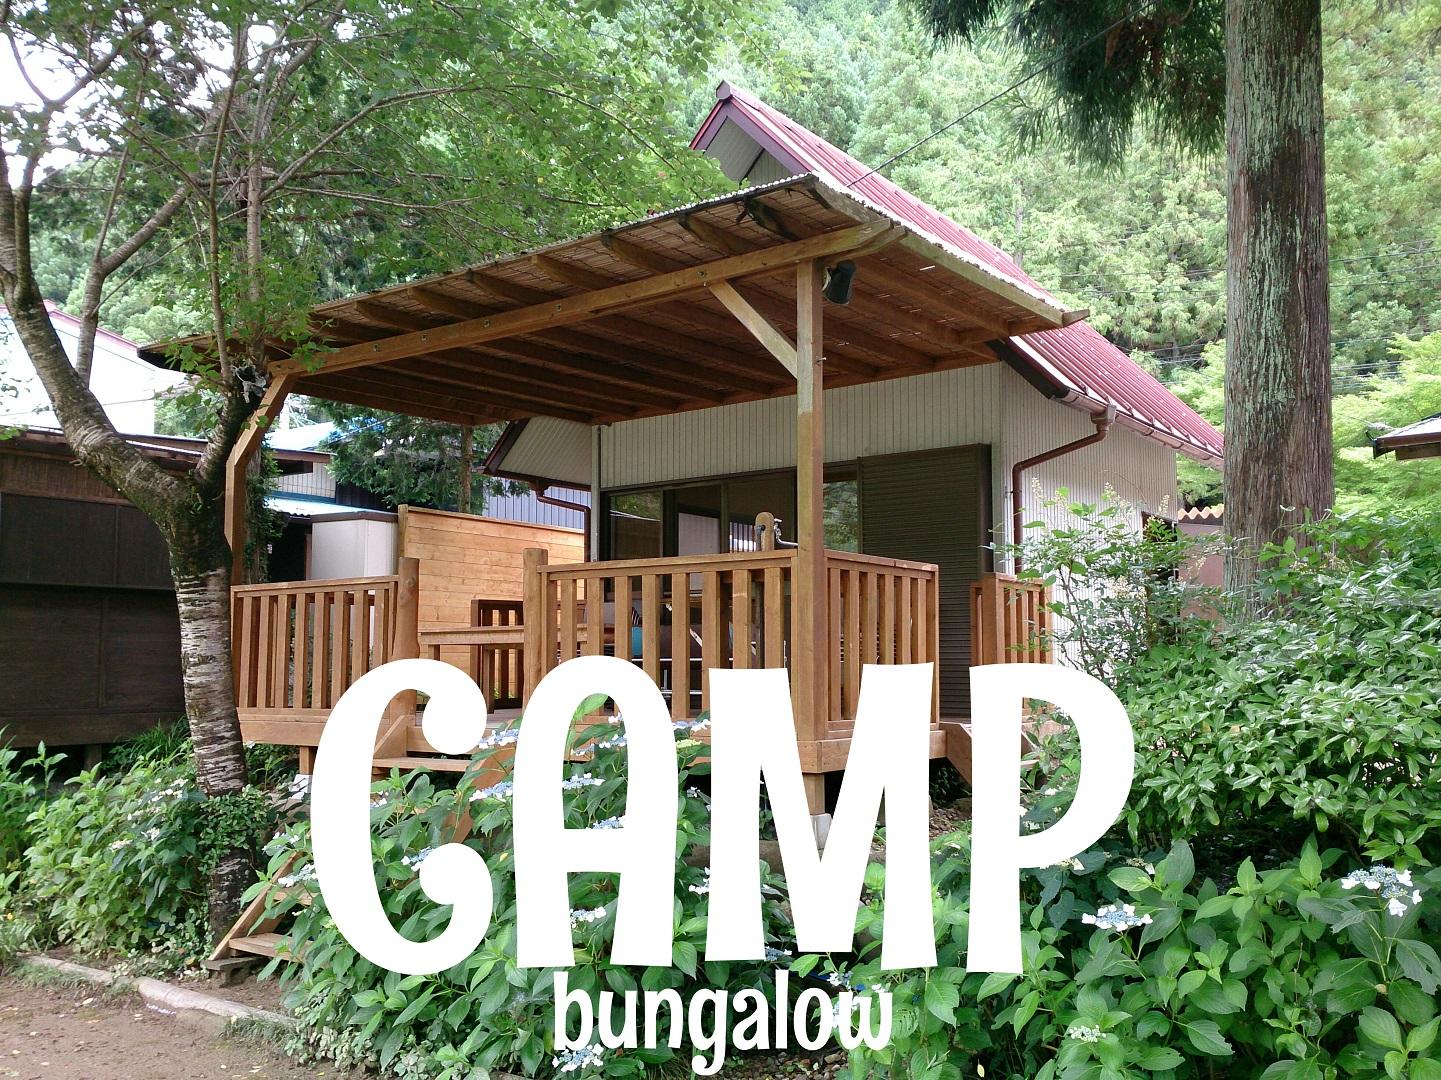 キャンプ,BBQ,日帰り,ぎふ,キャンプ場